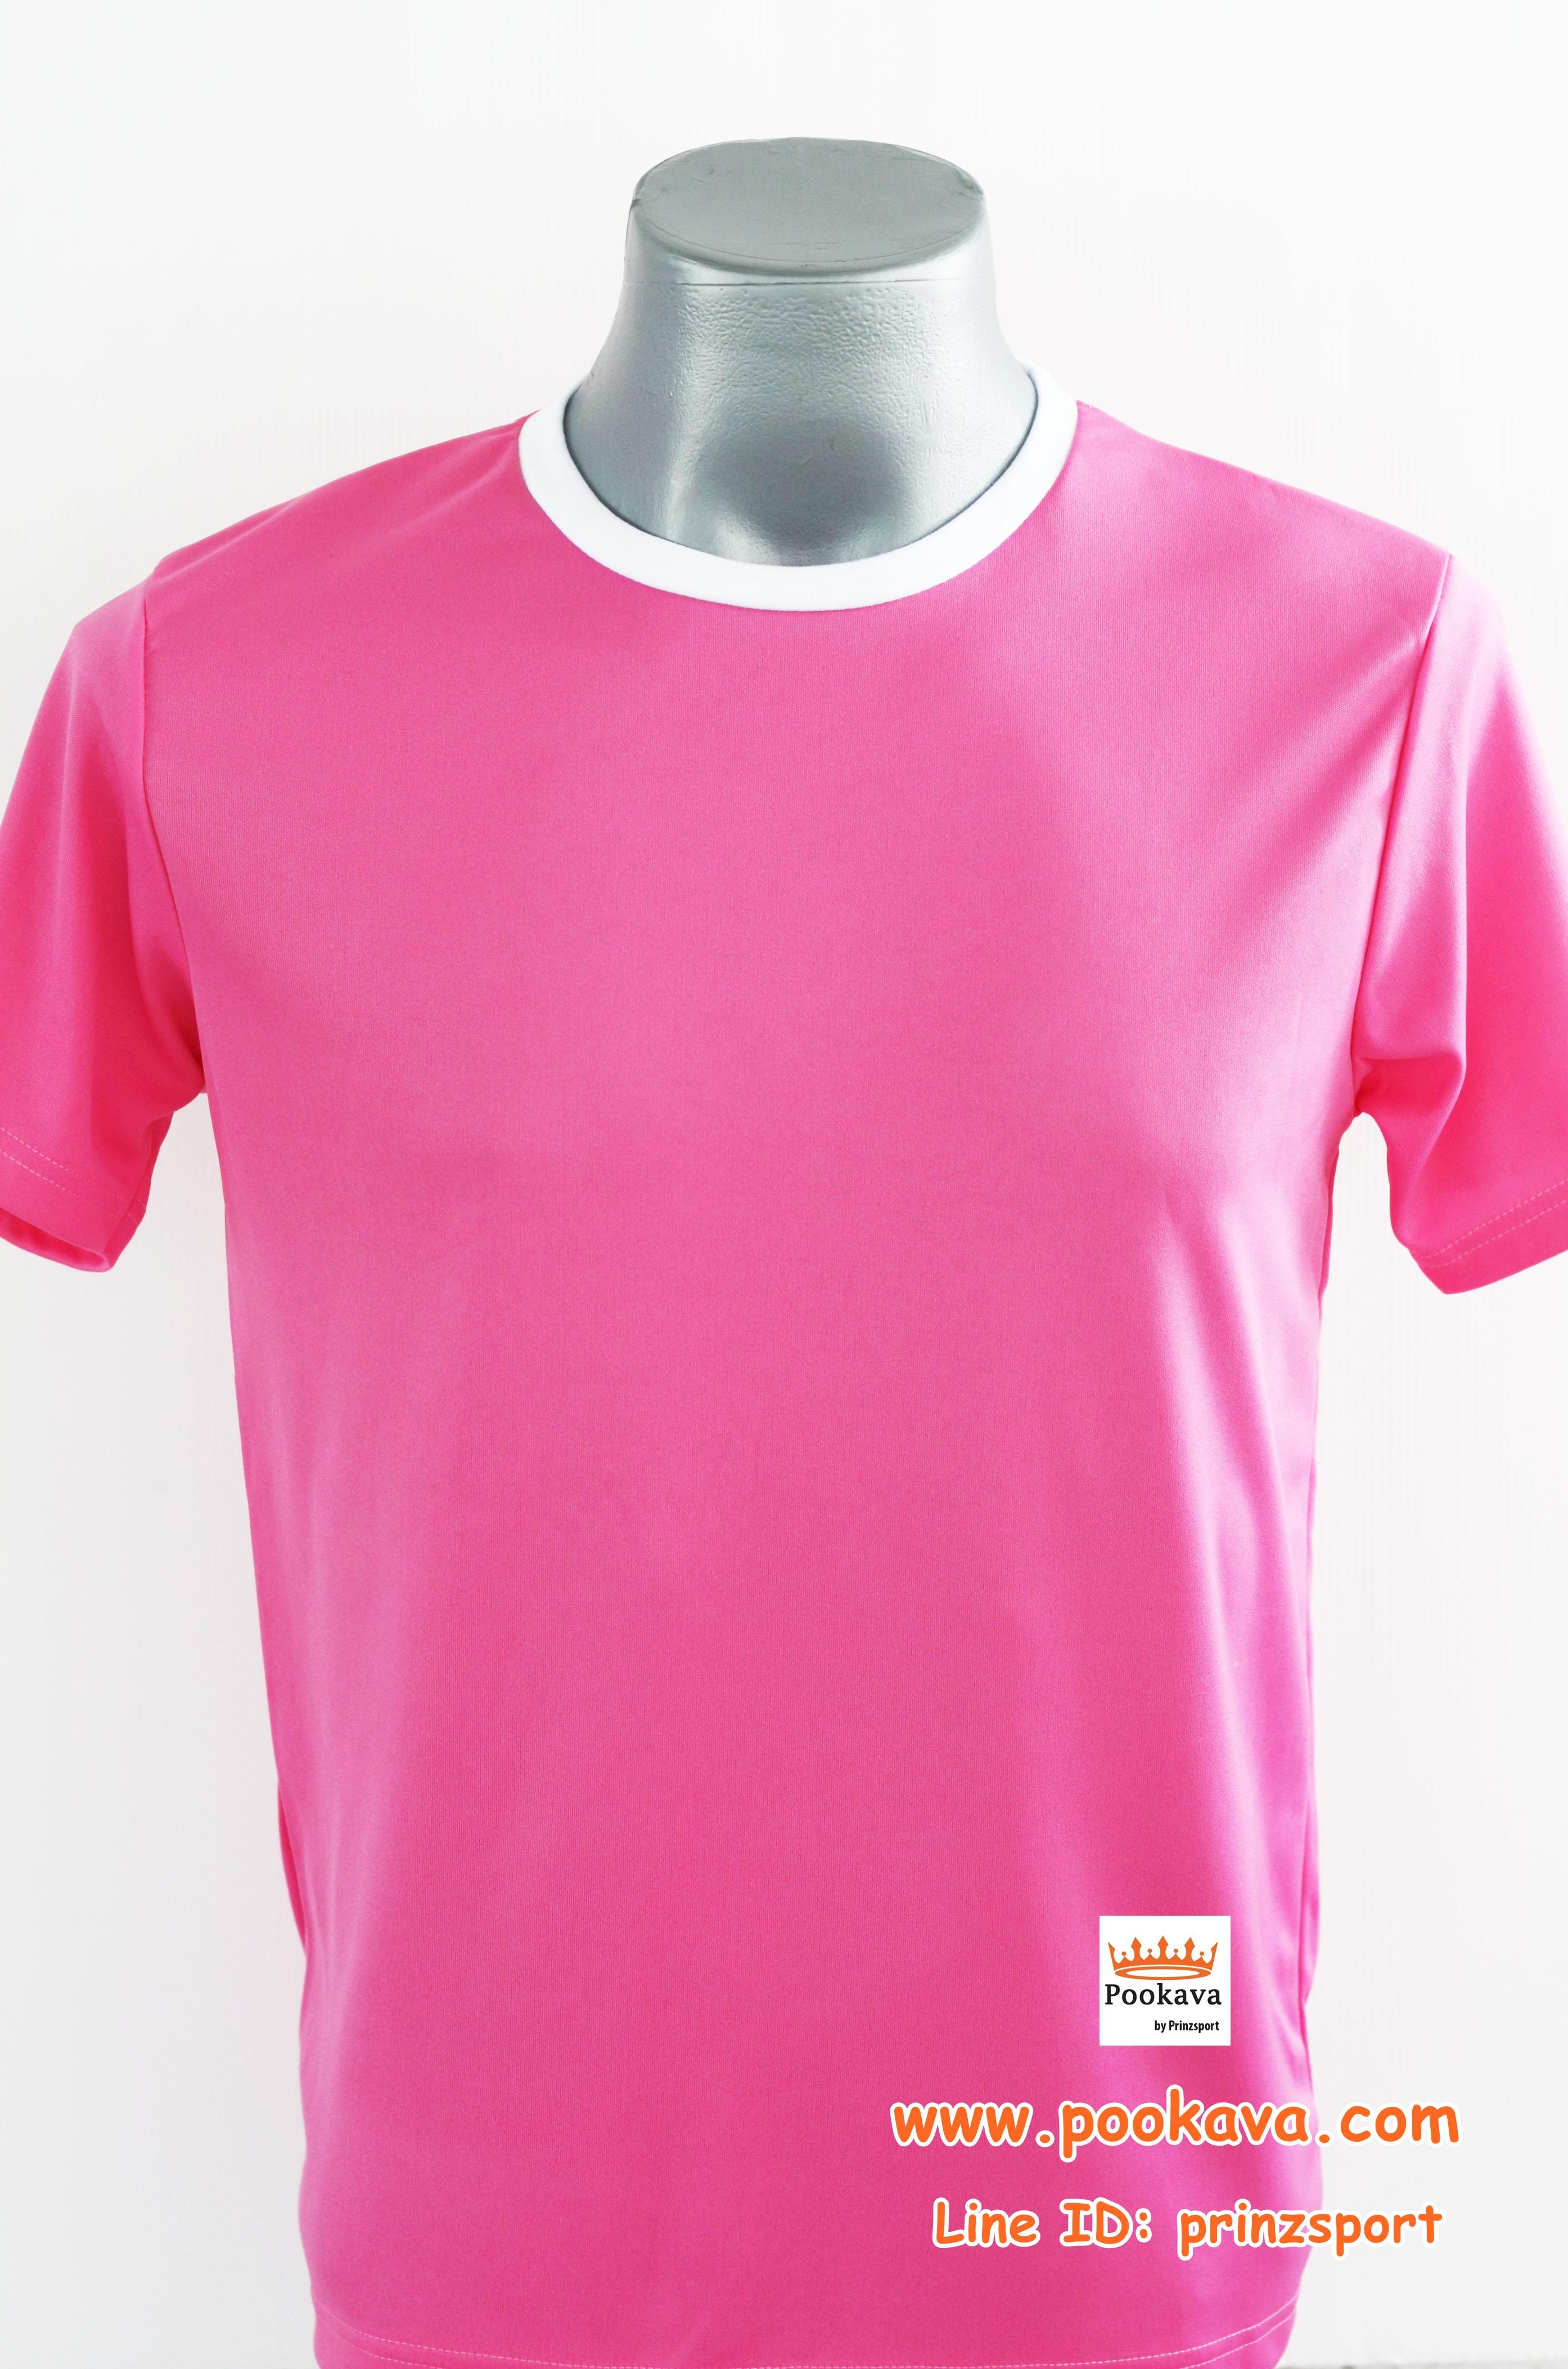 ขายส่ง ไซส์ L รอบอก 38 นิ้ว เสื้อกีฬาสีชมพู เสื้อกีฬาเปล่าผู้ใหญ่ เสื้อเปล่า